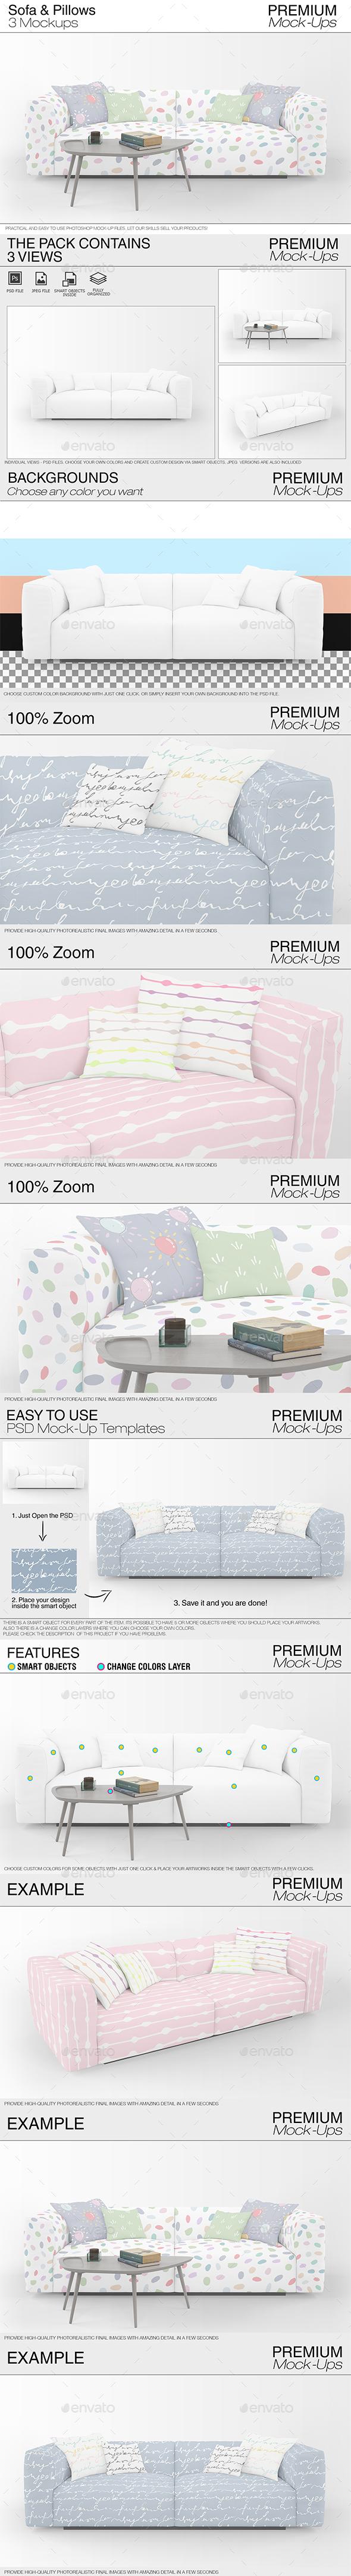 Sofa & Pillows Mockup Pack - Print Product Mock-Ups